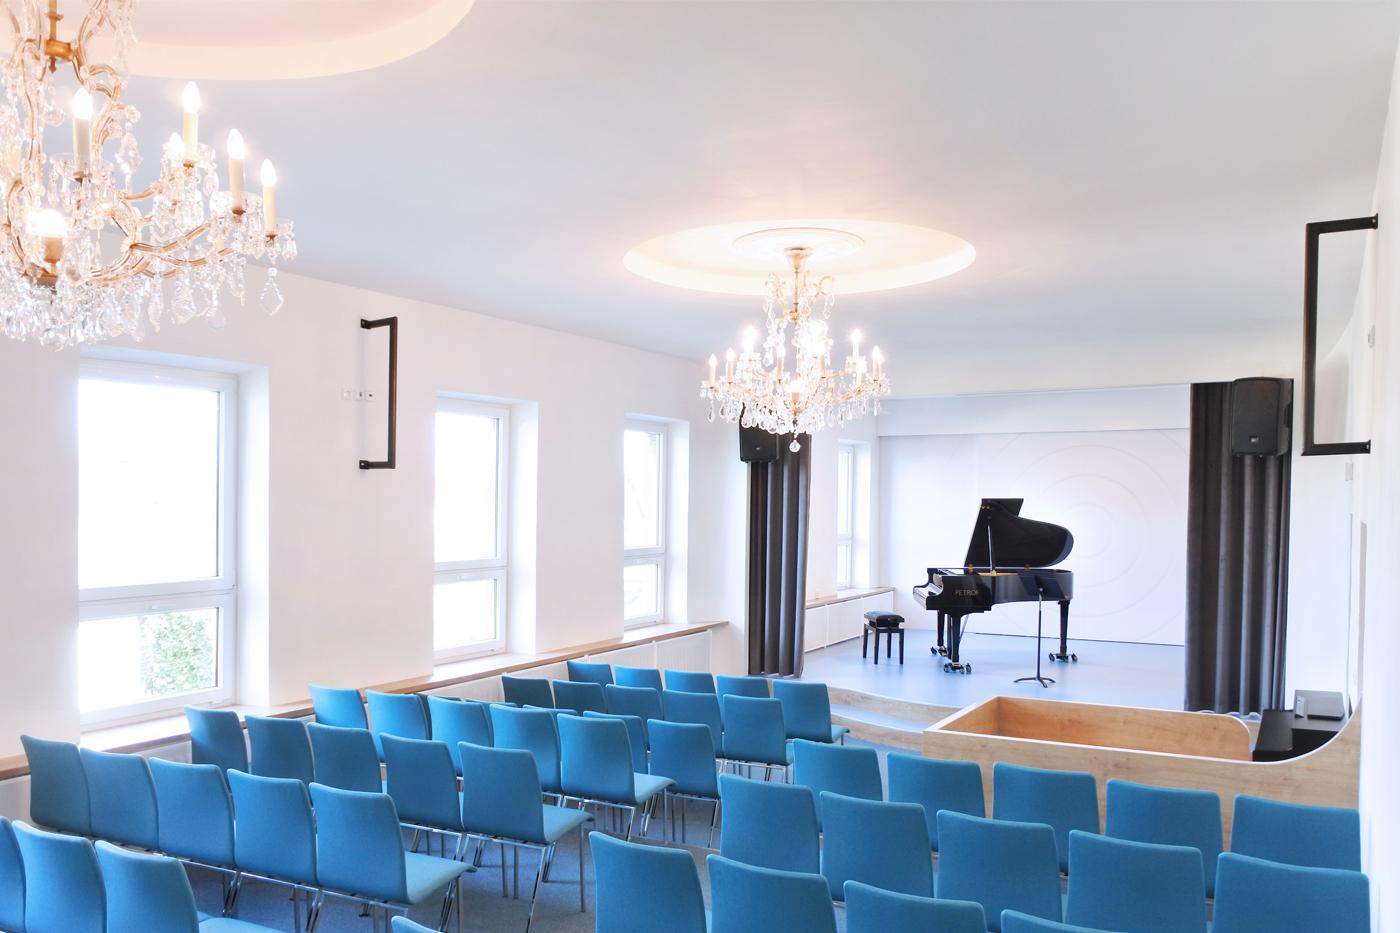 Nové je pódium se zvlněnou forbínou na kterou navazují výrazné oblouky po stranách a stropu jeviště.